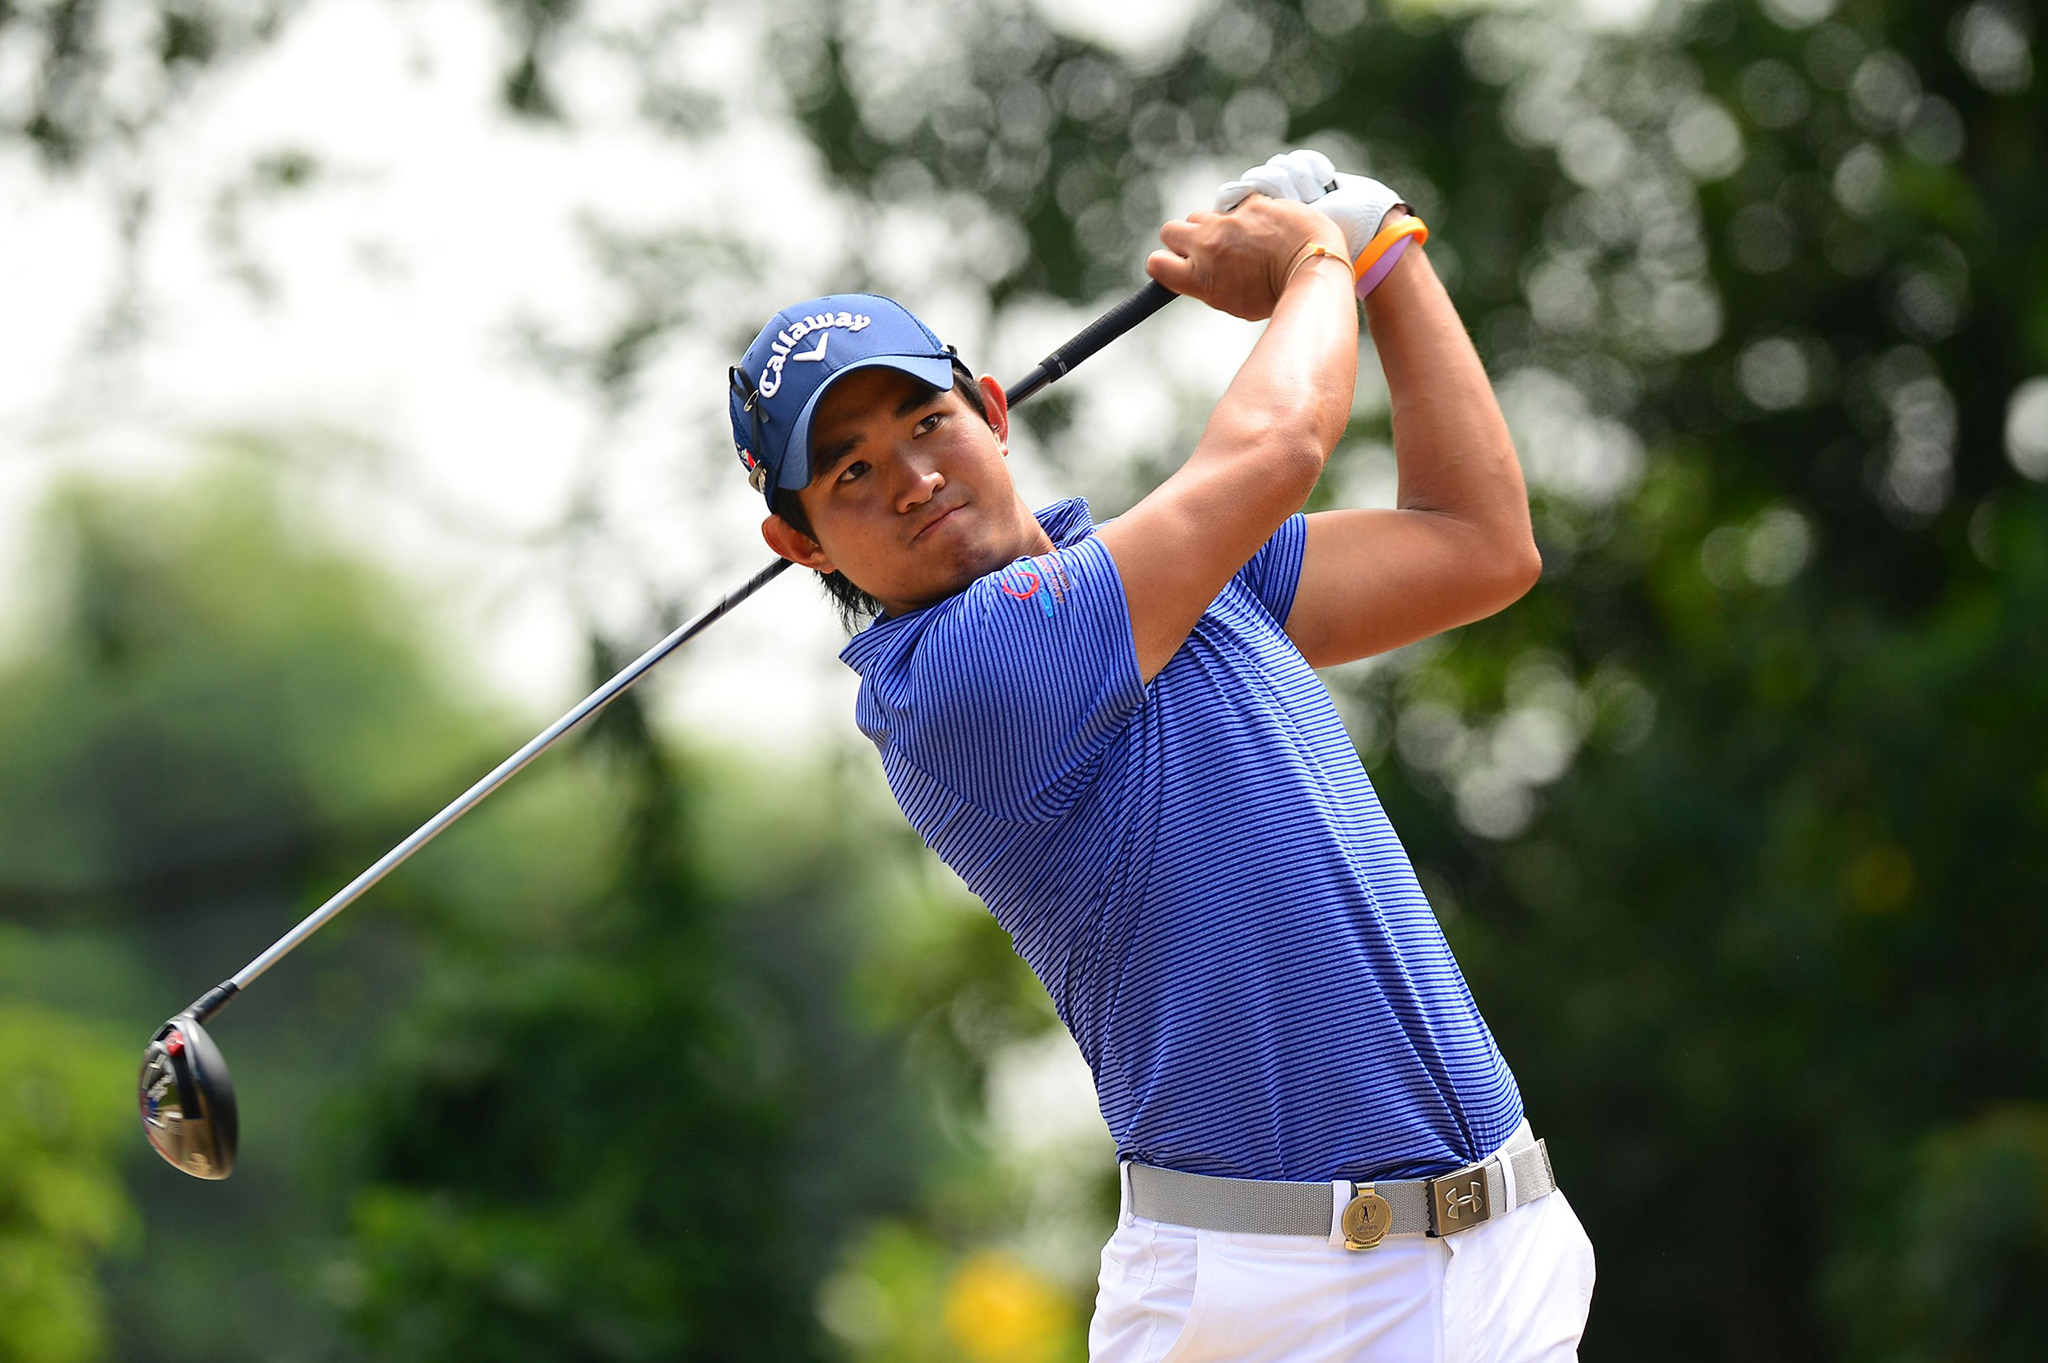 Golfe regressa na Coreia do Sul com máscaras e distância entre atletas